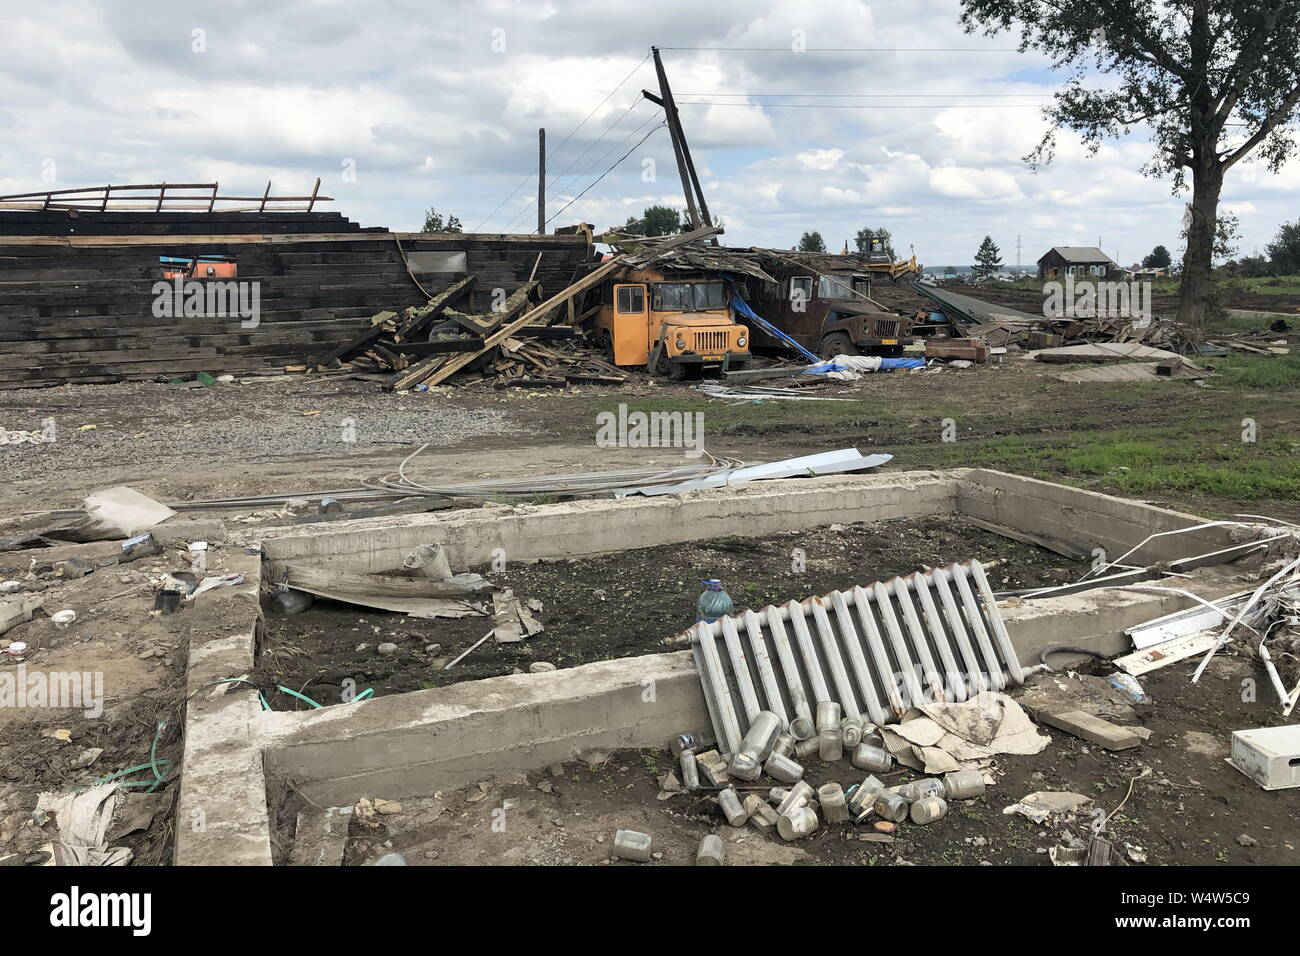 La Russie. Le 25 juillet, 2019. Région d'Irkoutsk, RUSSIE - 25 juillet 2019: une vue sur les débris dans la ville d'inondations Tulun. Depuis le début de juillet flash les inondations ont endommagé 10 900 vivaient dans des maisons par 42 700 résidents dans 109 villes, 11 000 habitations, 86 équipements sociaux, 49 sections d'autoroutes, 22 ponts routiers dans la région d'Irkoutsk. Andrei Berezkin/crédit: TASS ITAR-TASS News Agency/Alamy Live News Banque D'Images